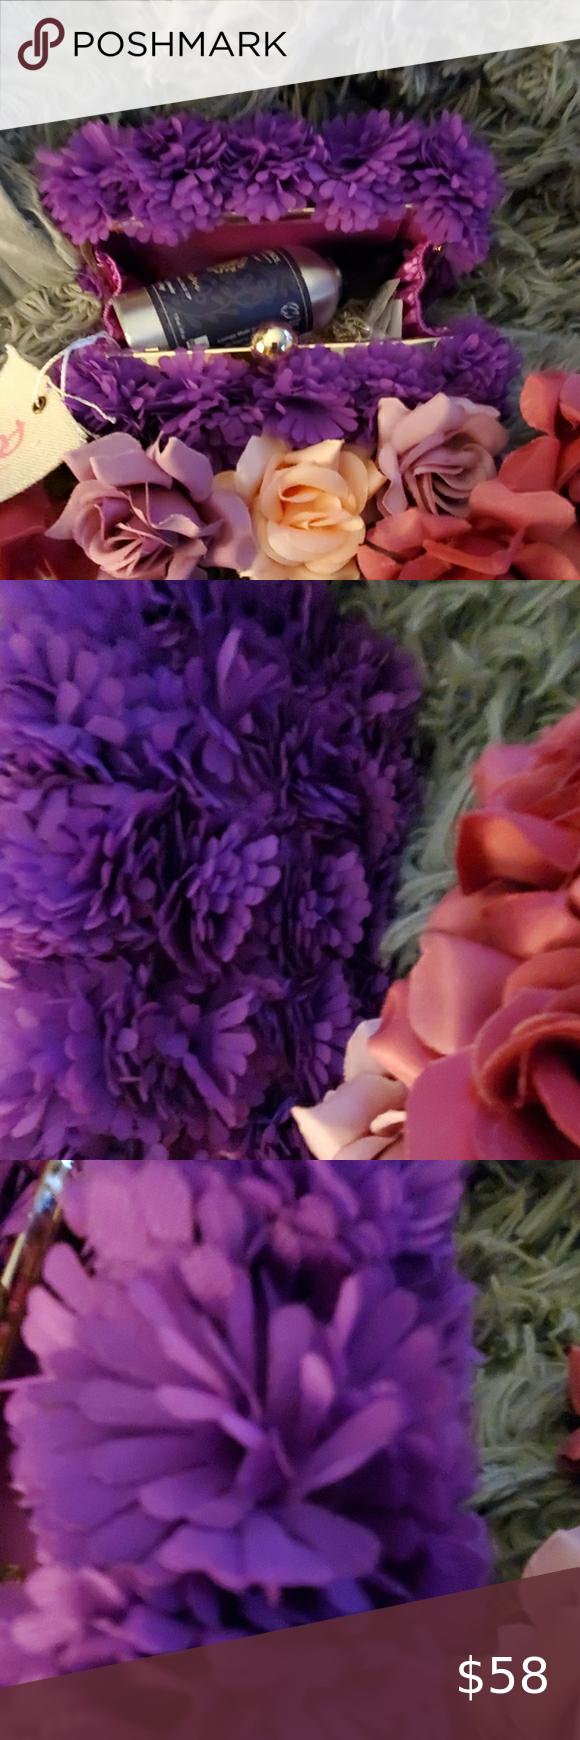 Amongst The Flowers Purple Purse So Pretty Clean In 2020 Purple Purse Pretty Purple